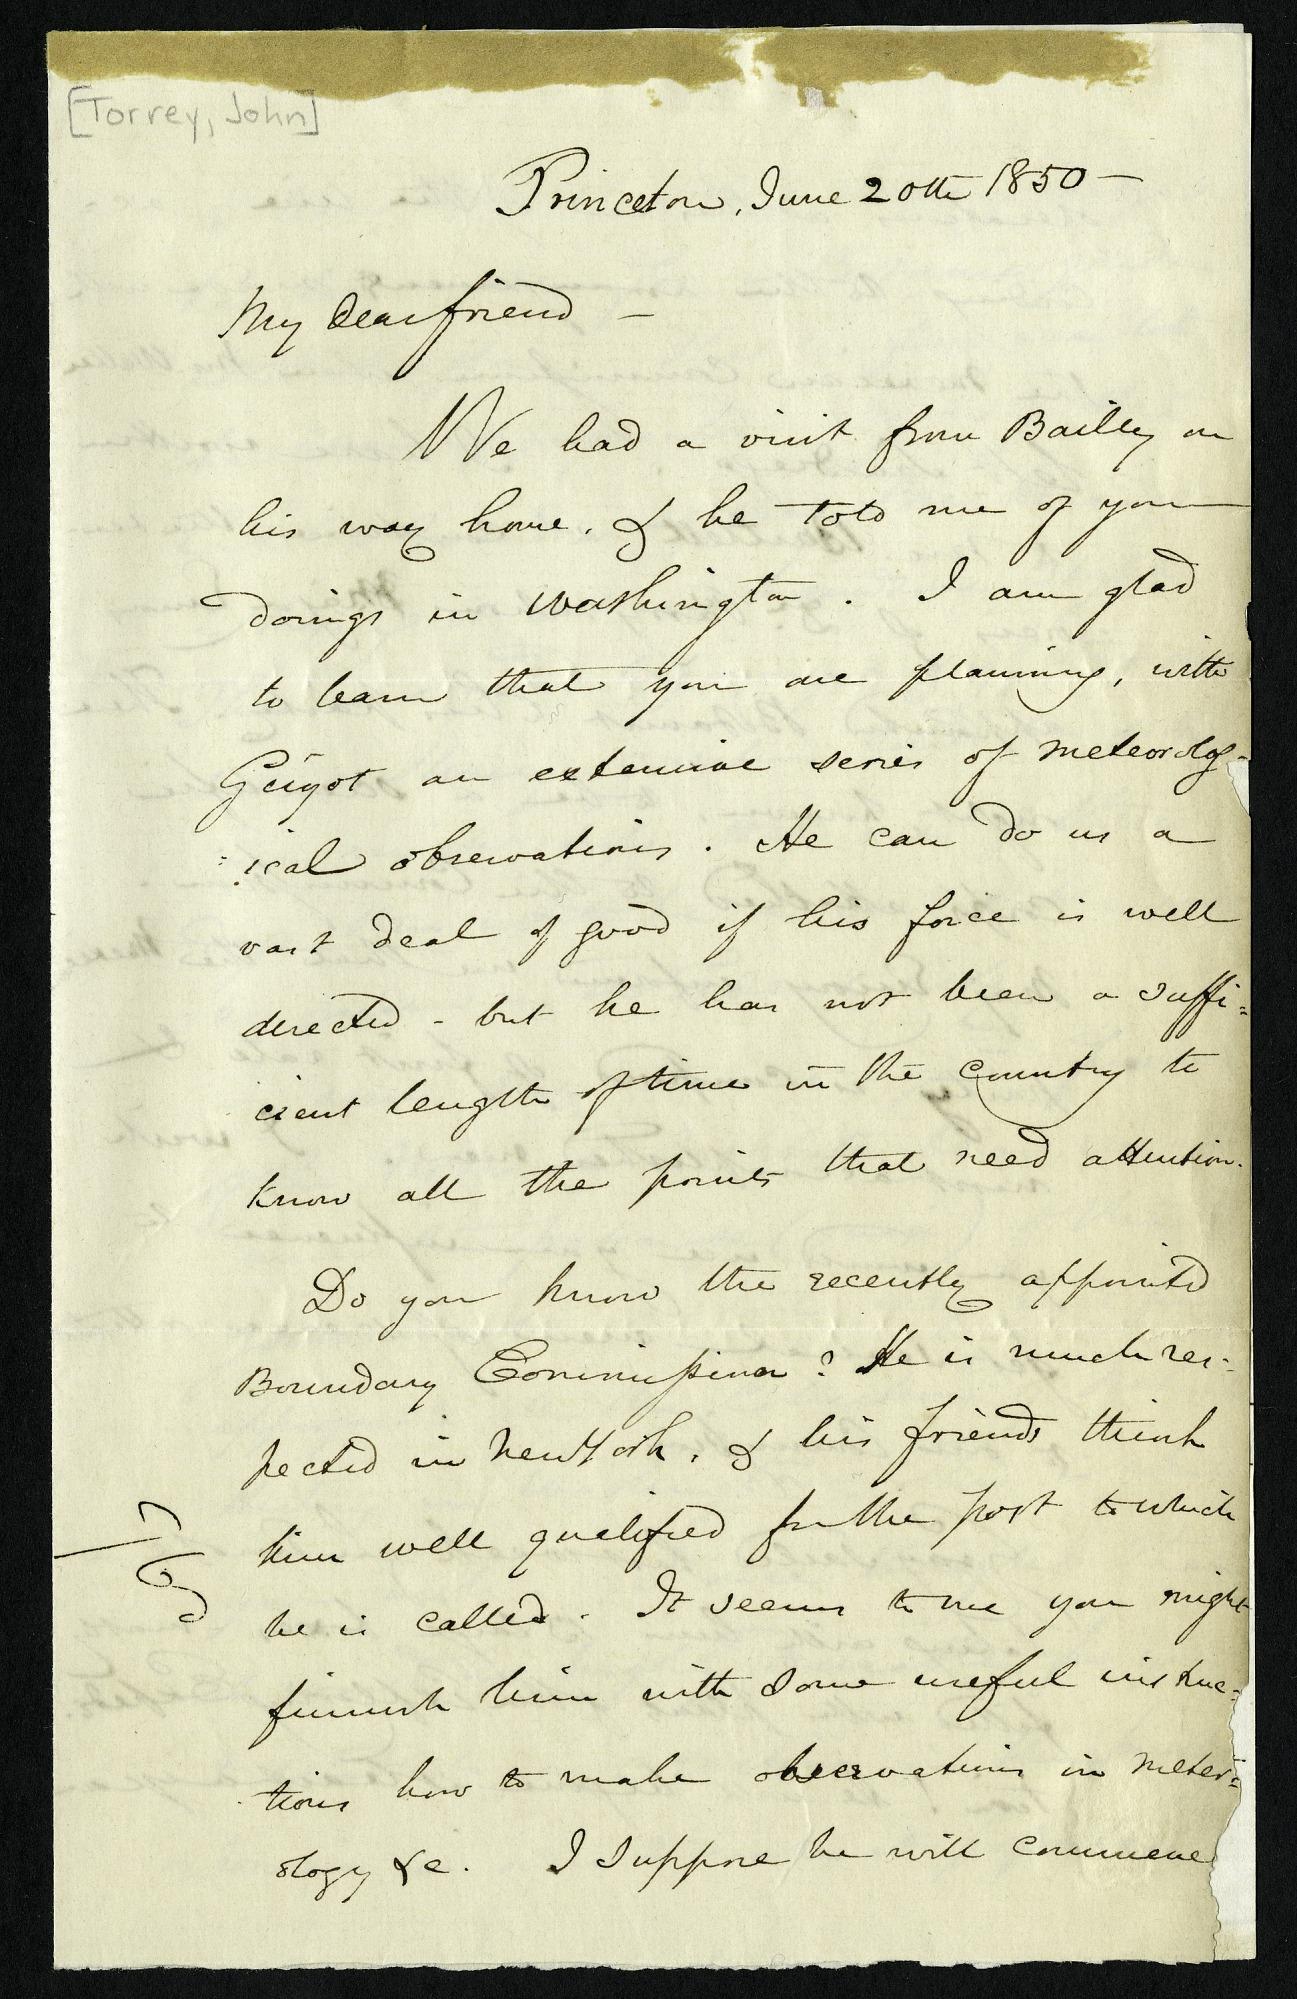 John Torrey's Letter to Joseph Henry (June 20, 1850)